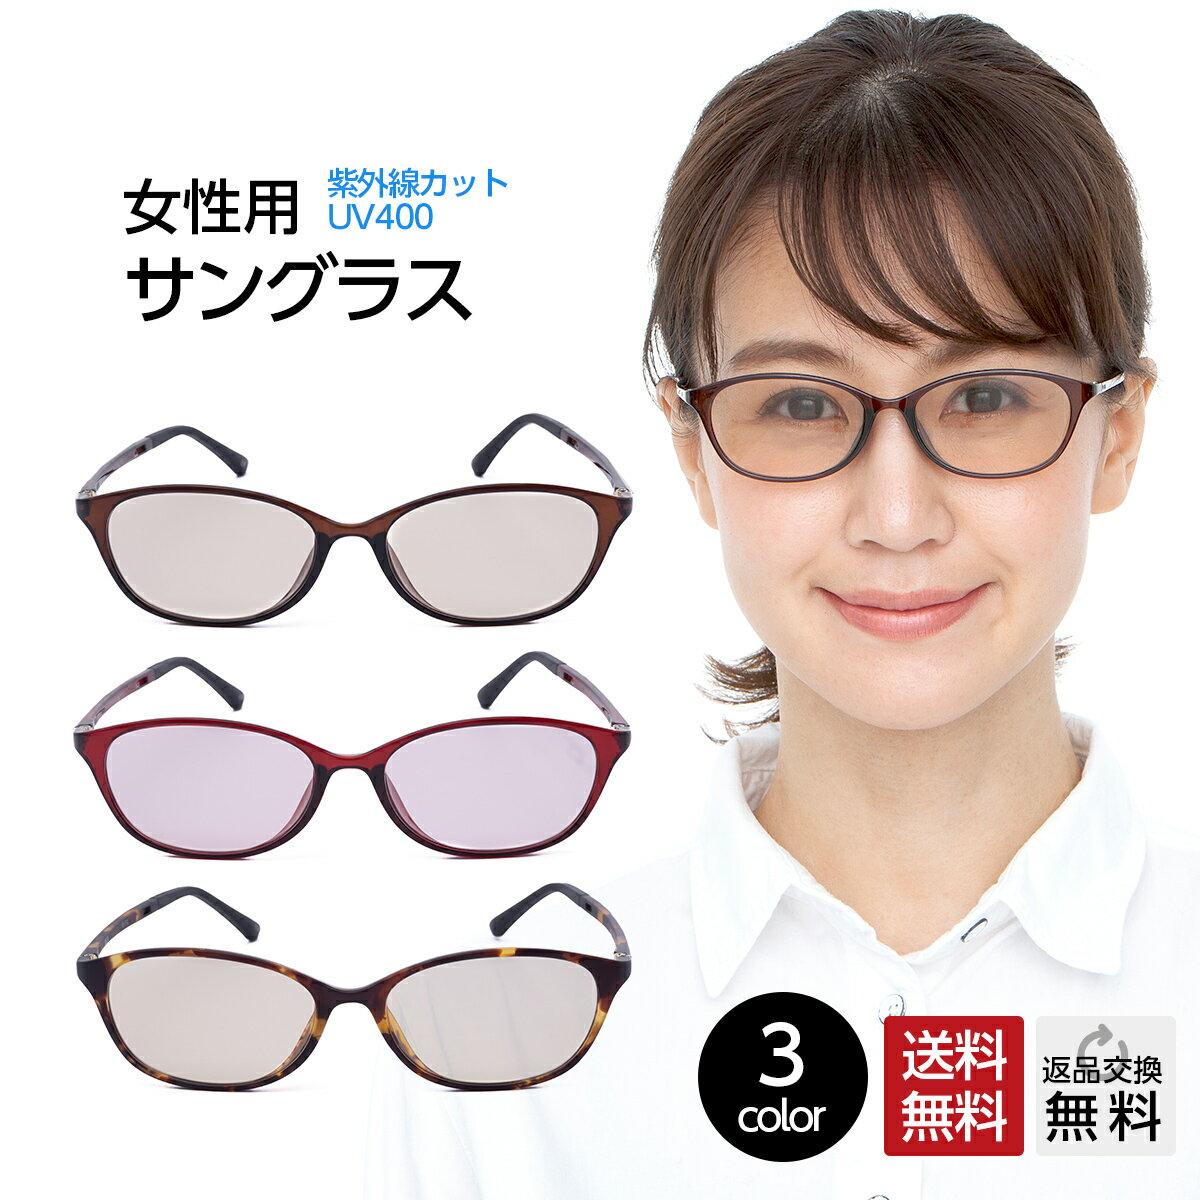 サングラス 薄色レンズ メガネ ボストン カラーレンズサングラス 紫外線カット率 ハードコート ARコート MIDI 女性向け レディース